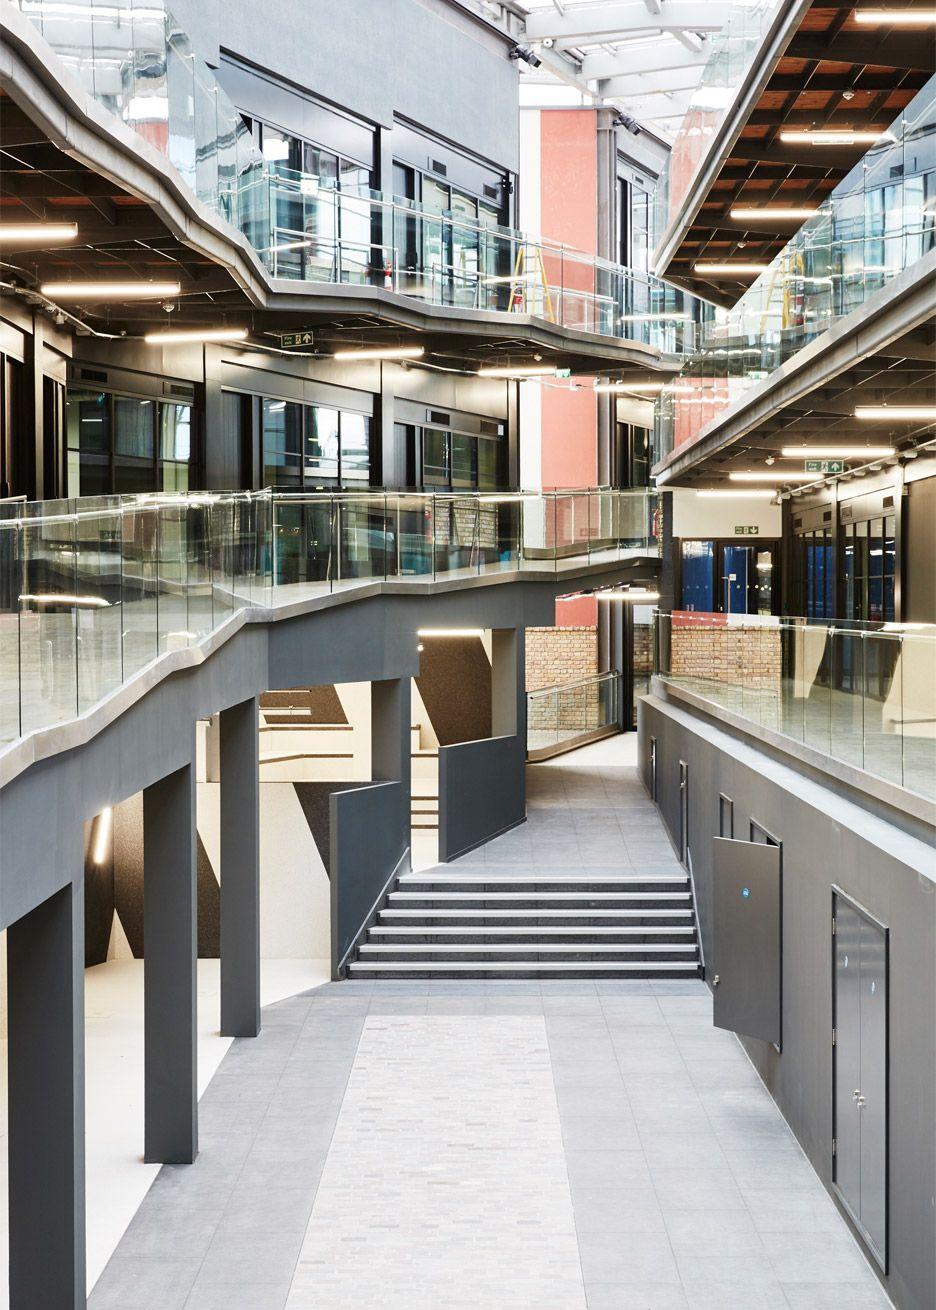 Tom Dixons Atrium coworking space opens in London Tom dixon